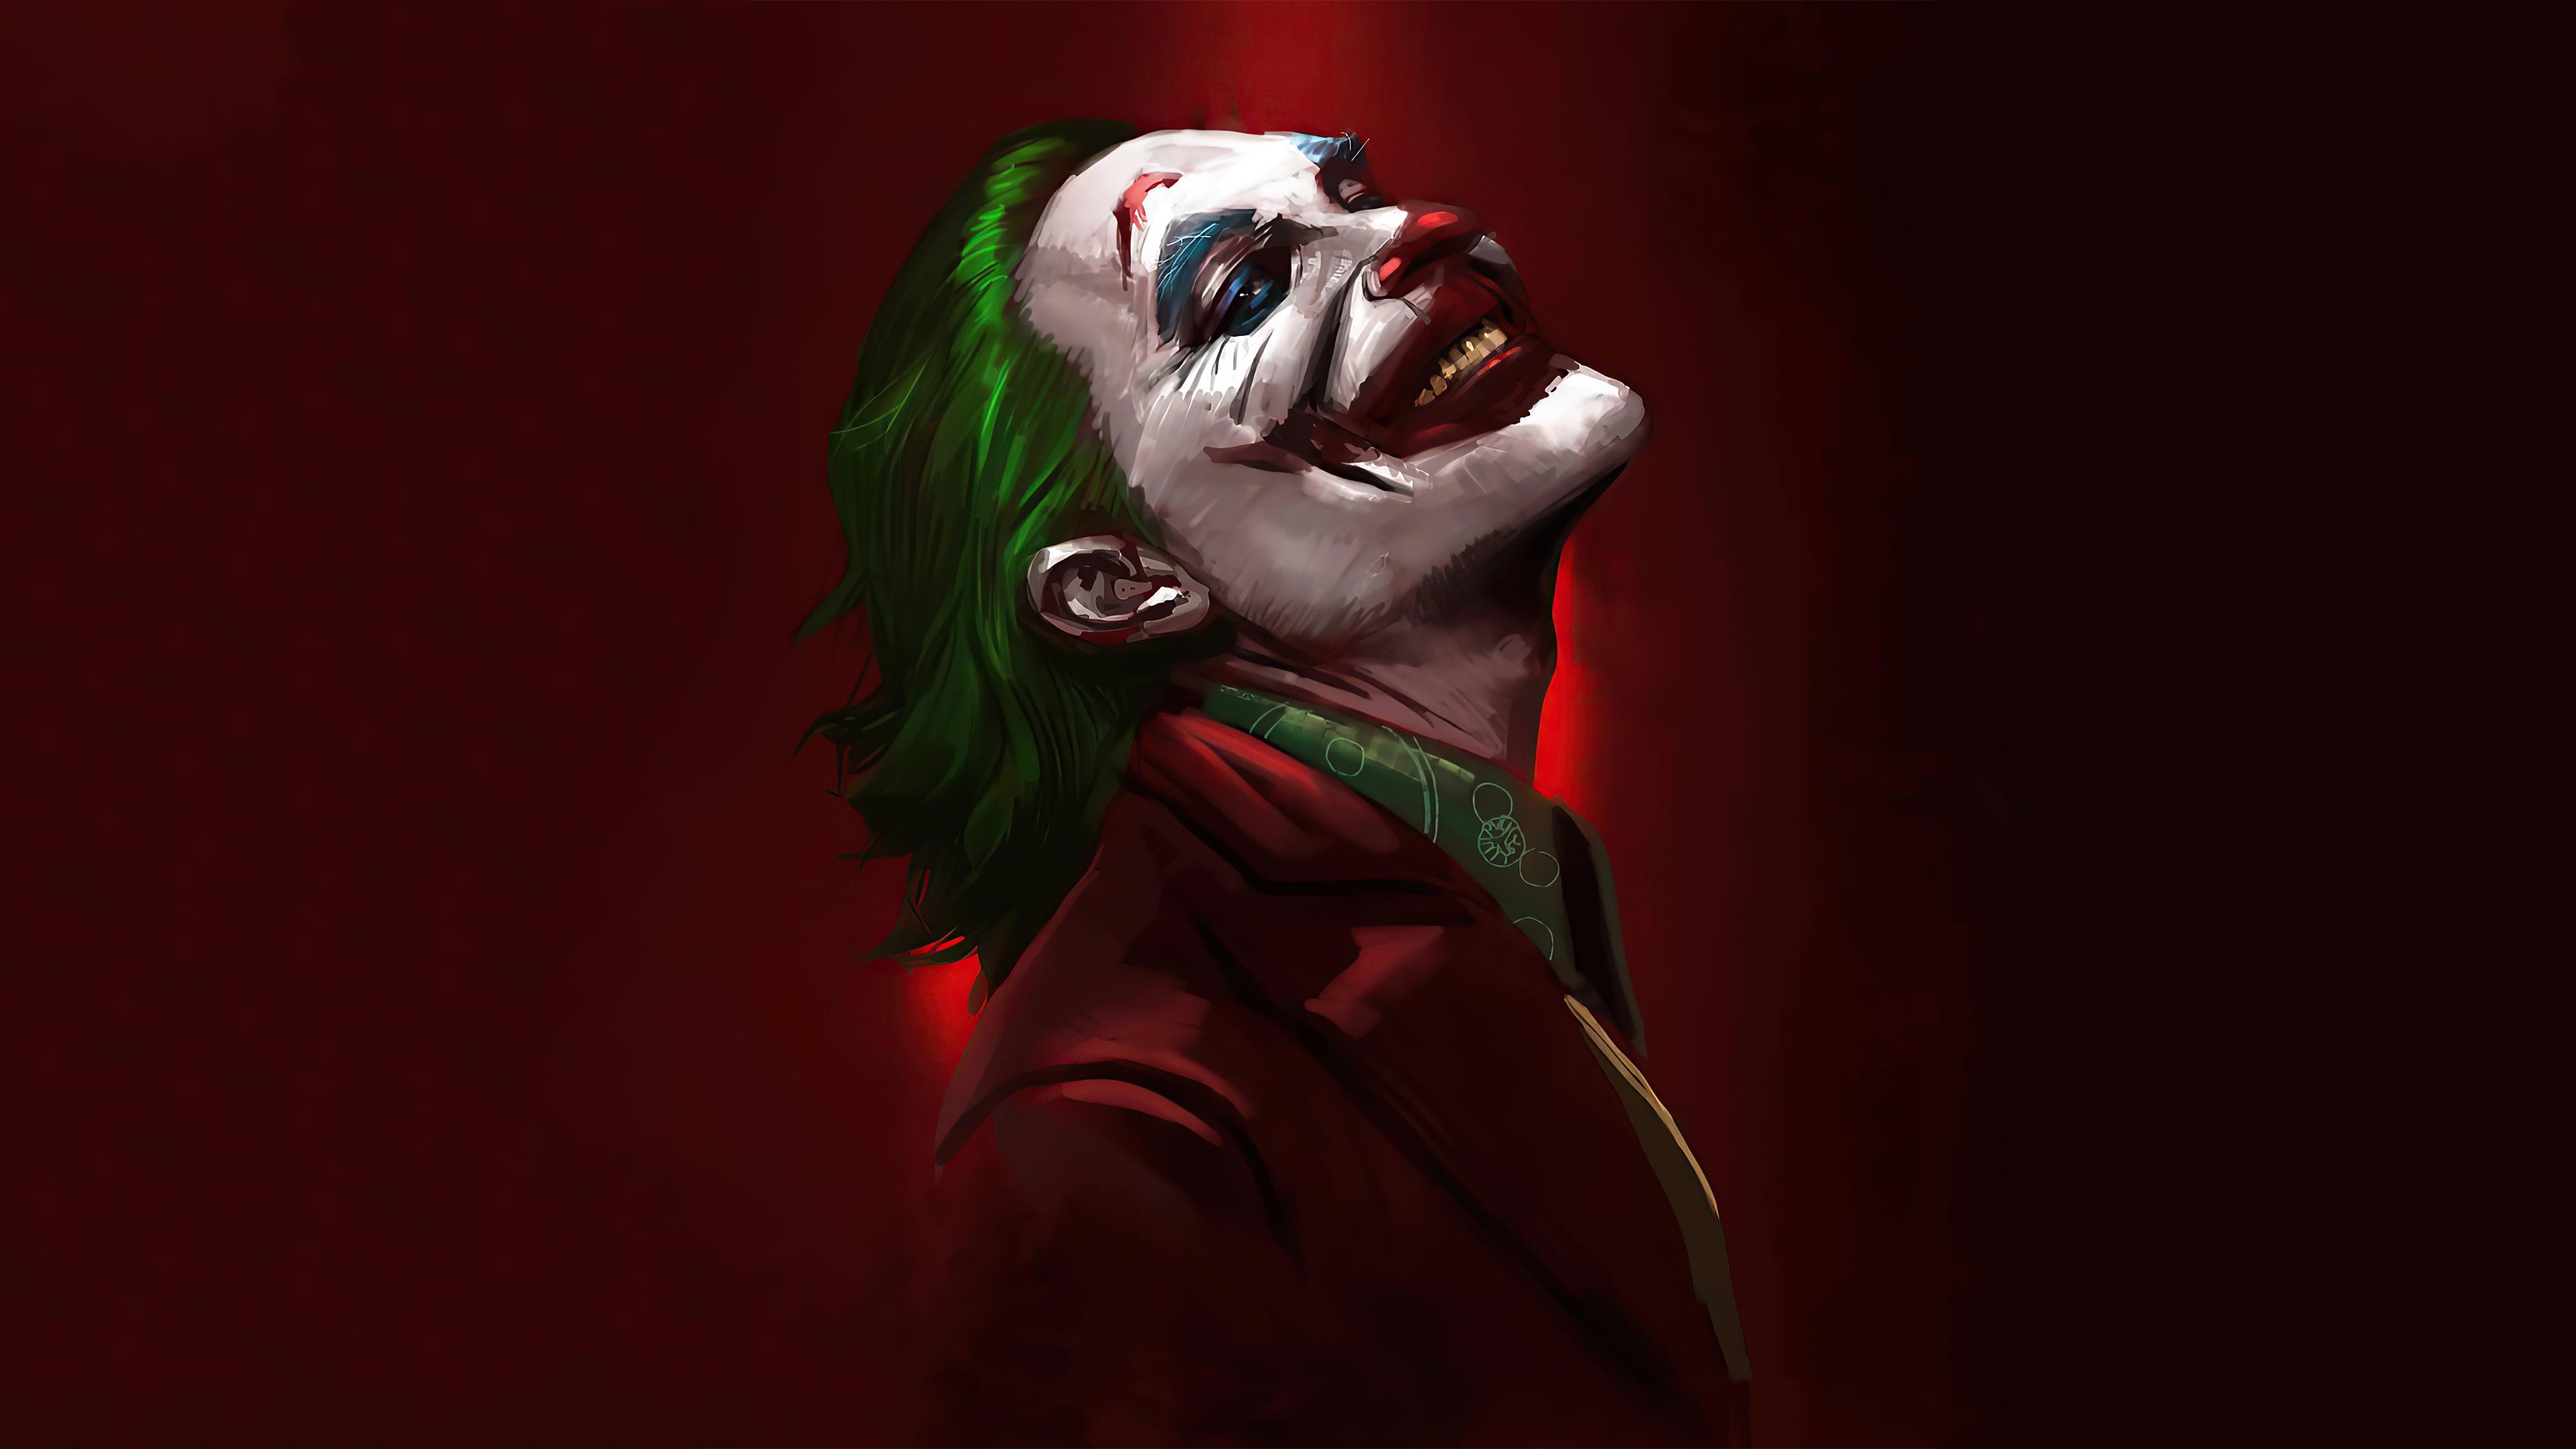 Joker Tired Of Trying - 3840x2160 ...